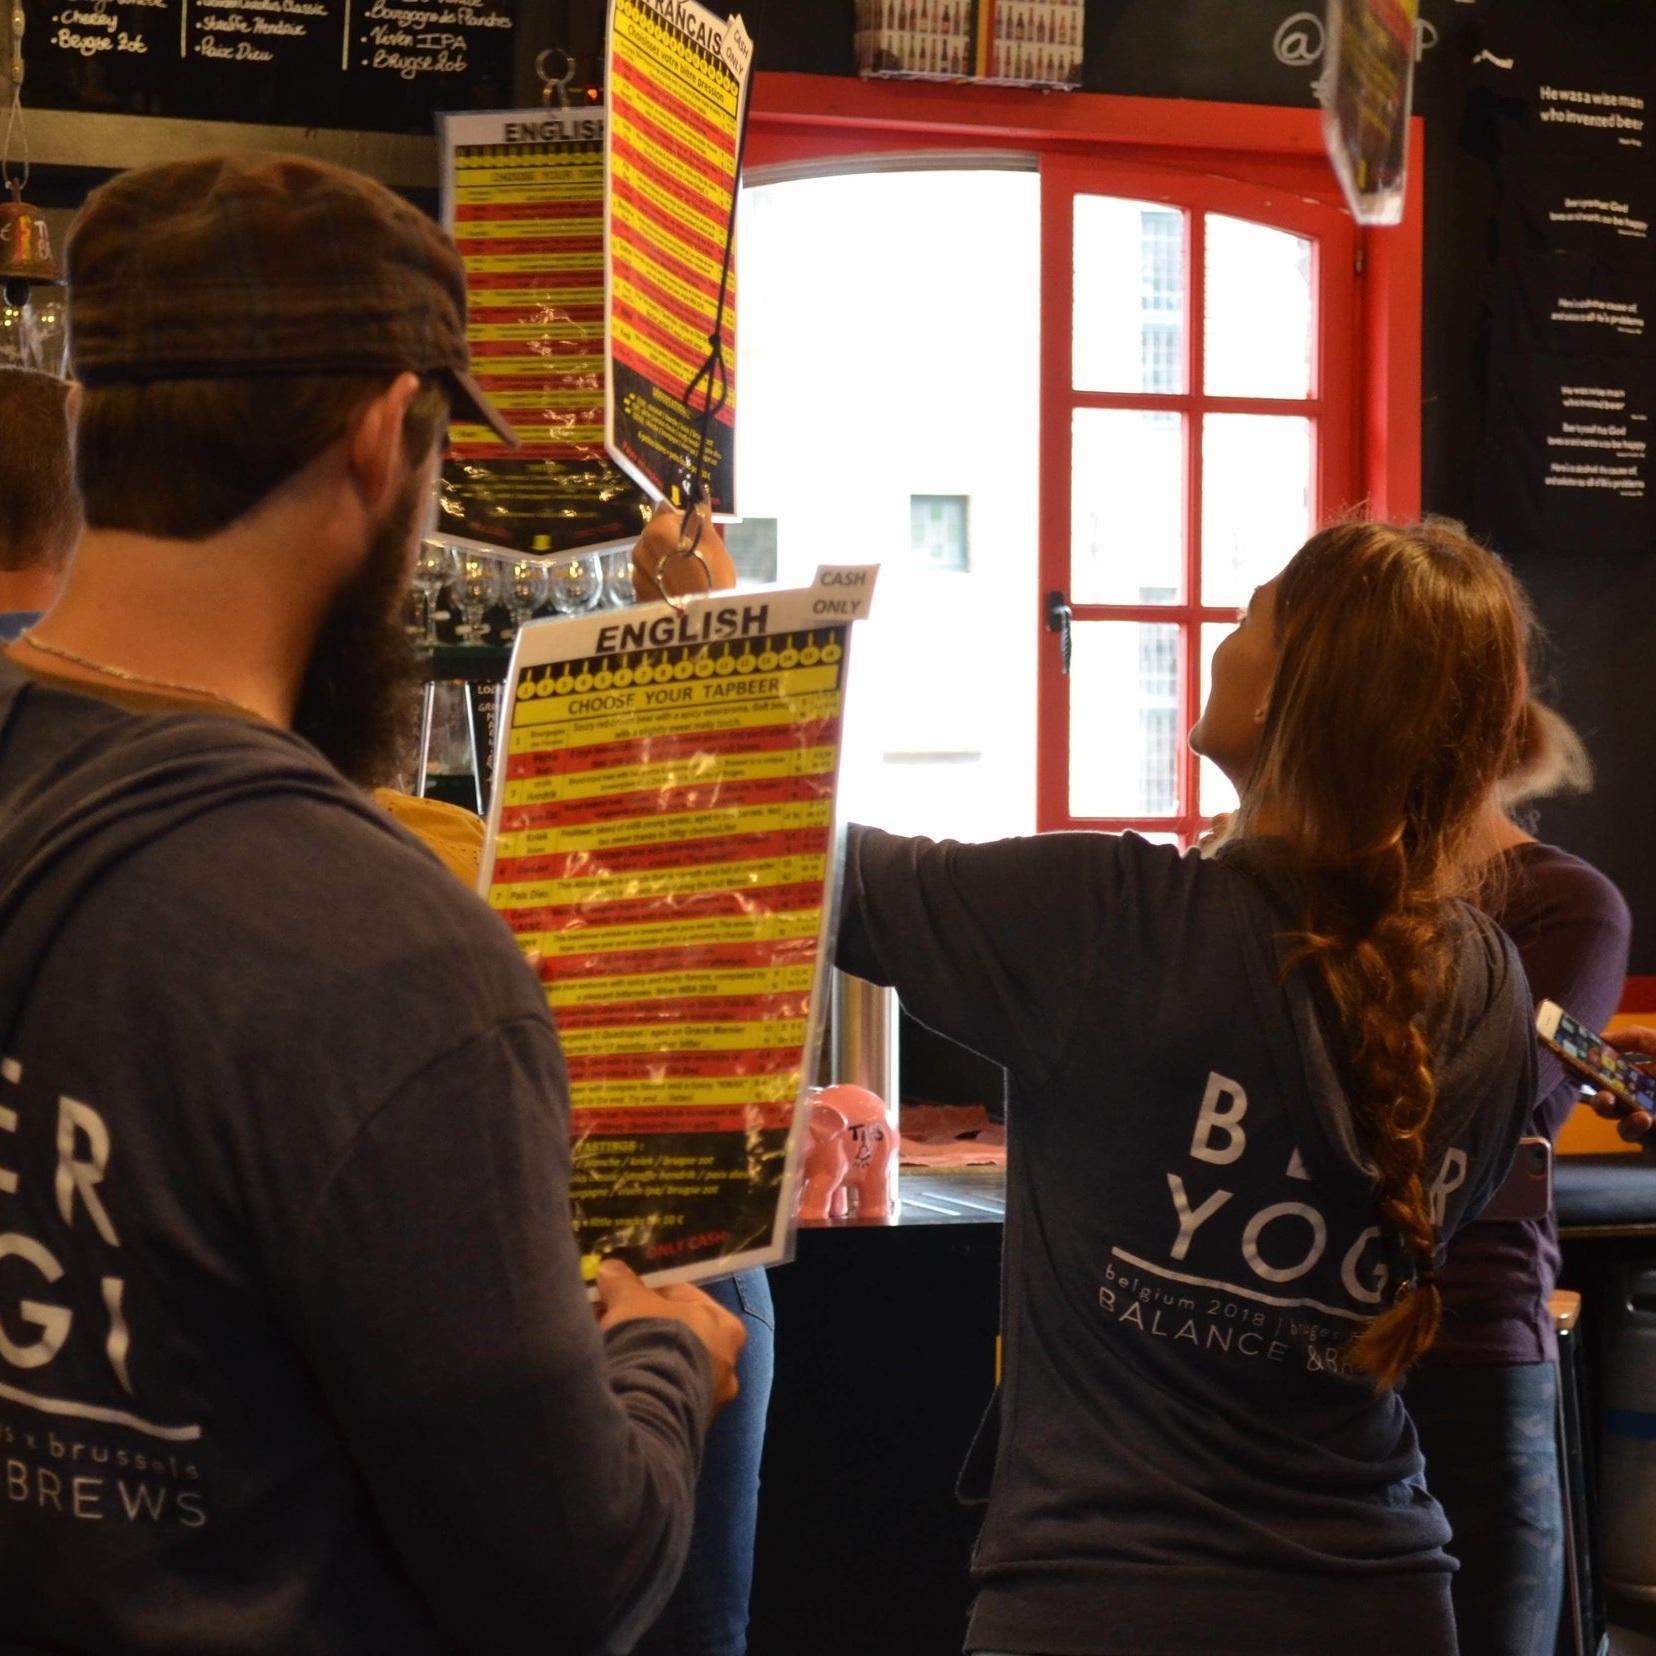 beeryoga_balanceandbrews_yogaretreat_bruges_wallofbeer_MIN.jpg